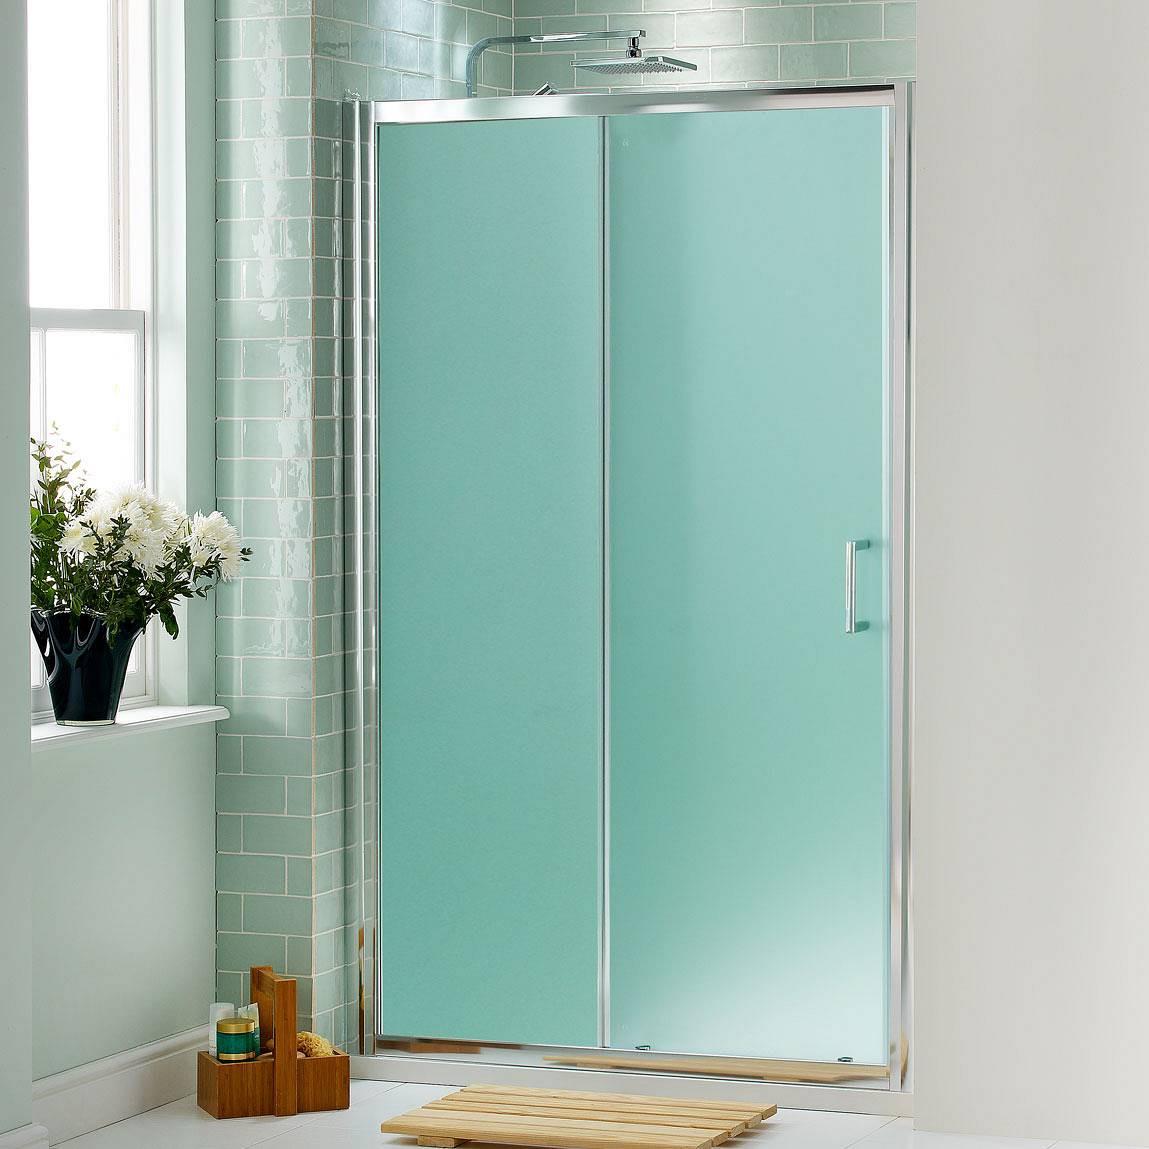 Bathroom Door Design  21 Creative Glass Shower Doors Designs For Bathrooms